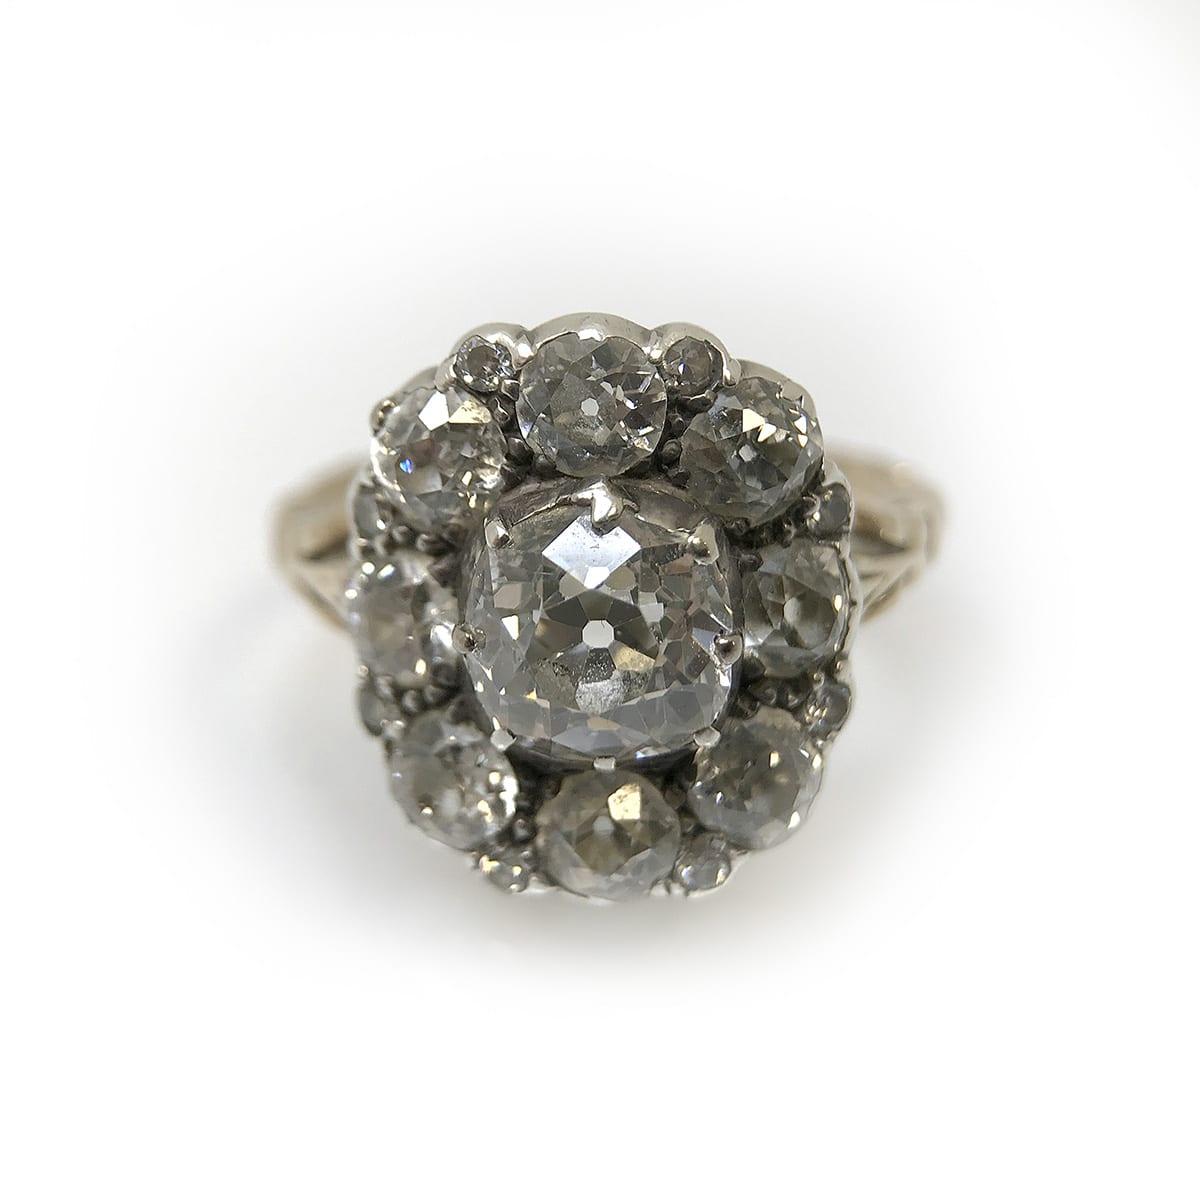 jewellery valuers